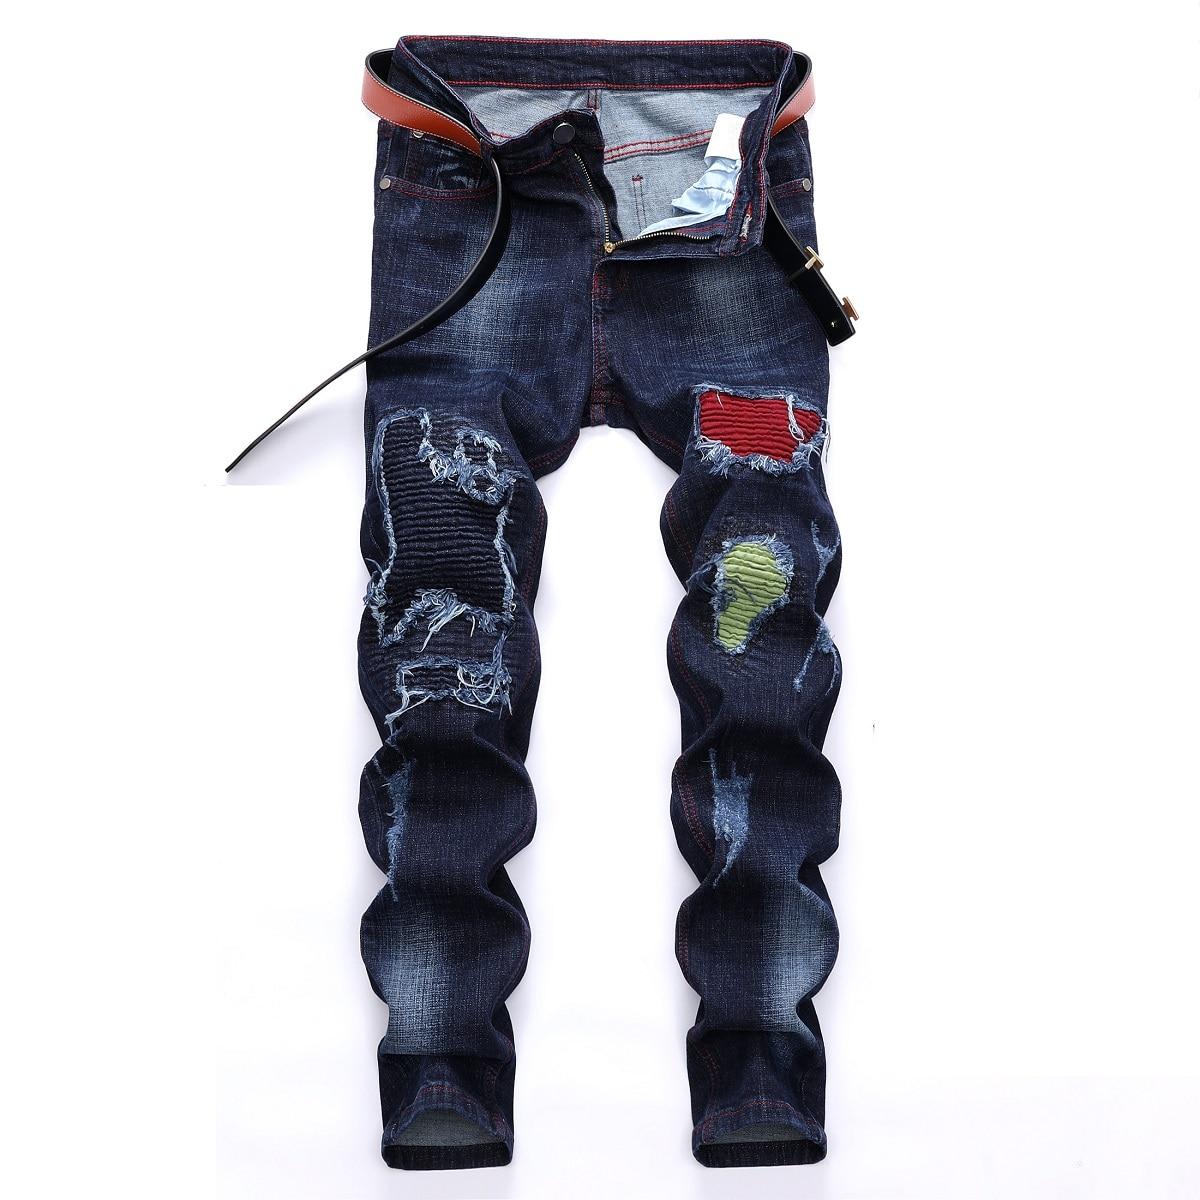 2021 Модные осенние и зимние мужские рваные джинсы, модные эластичные джинсы с нашивкой, мужские джинсовые брюки, модные мужские джинсы